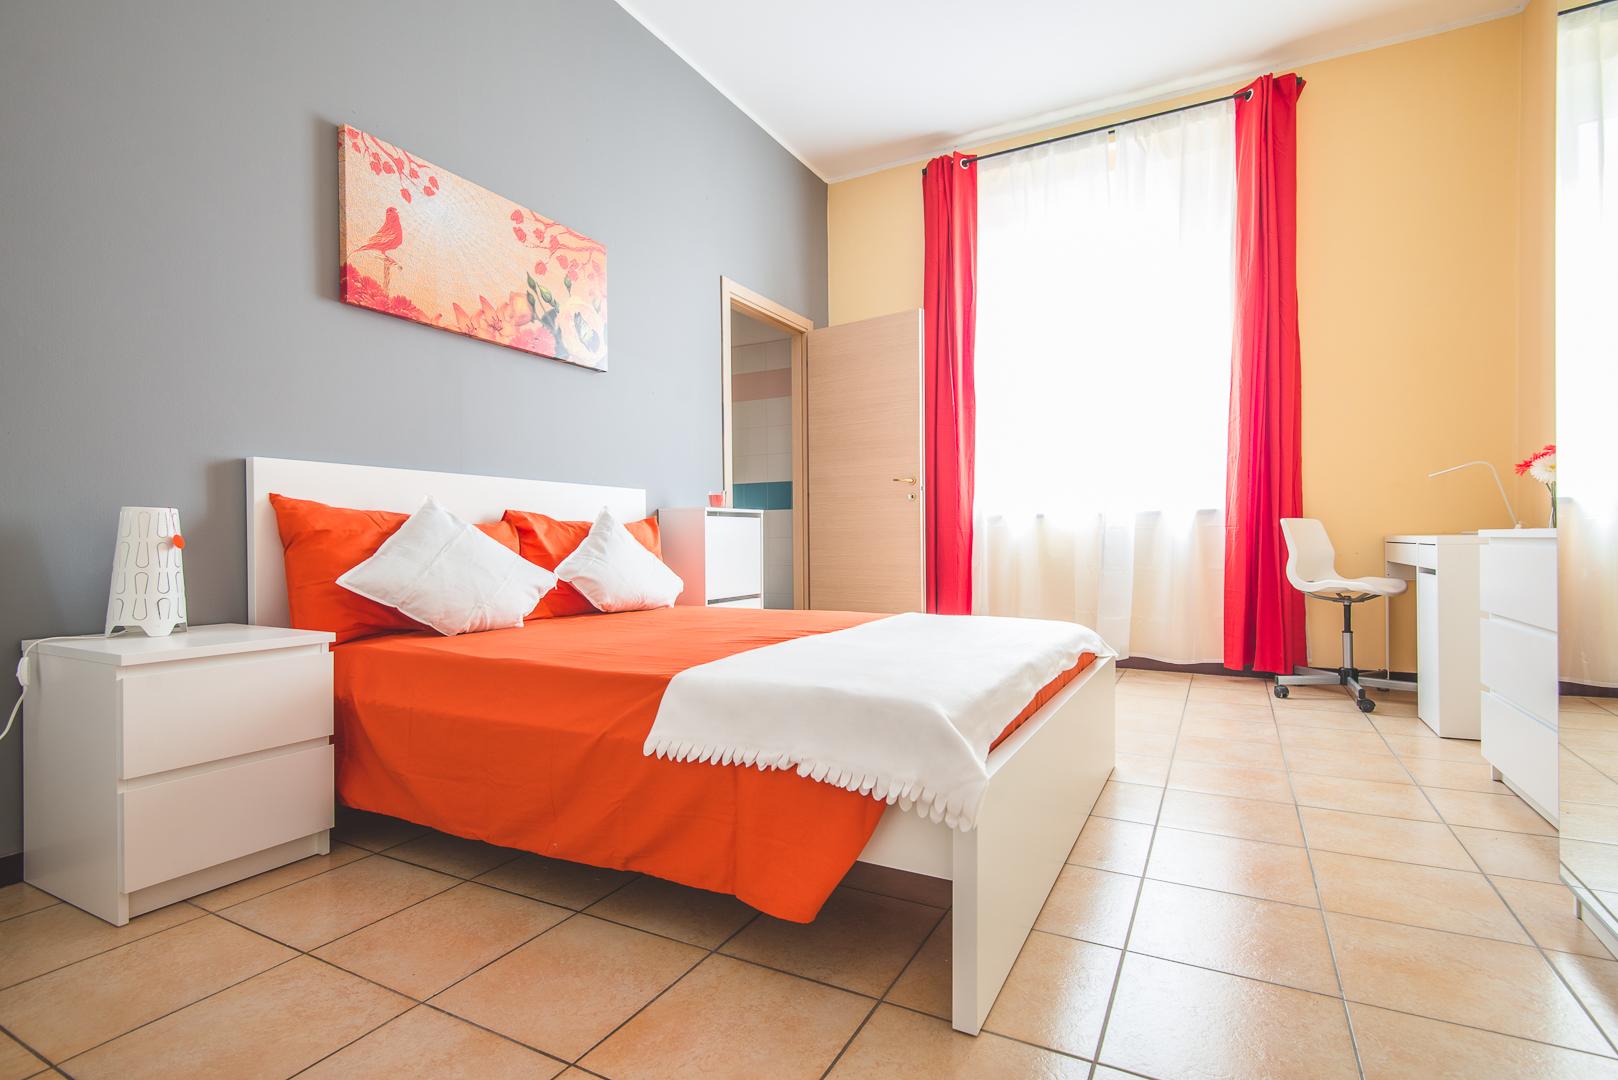 Monza A2 Room 1